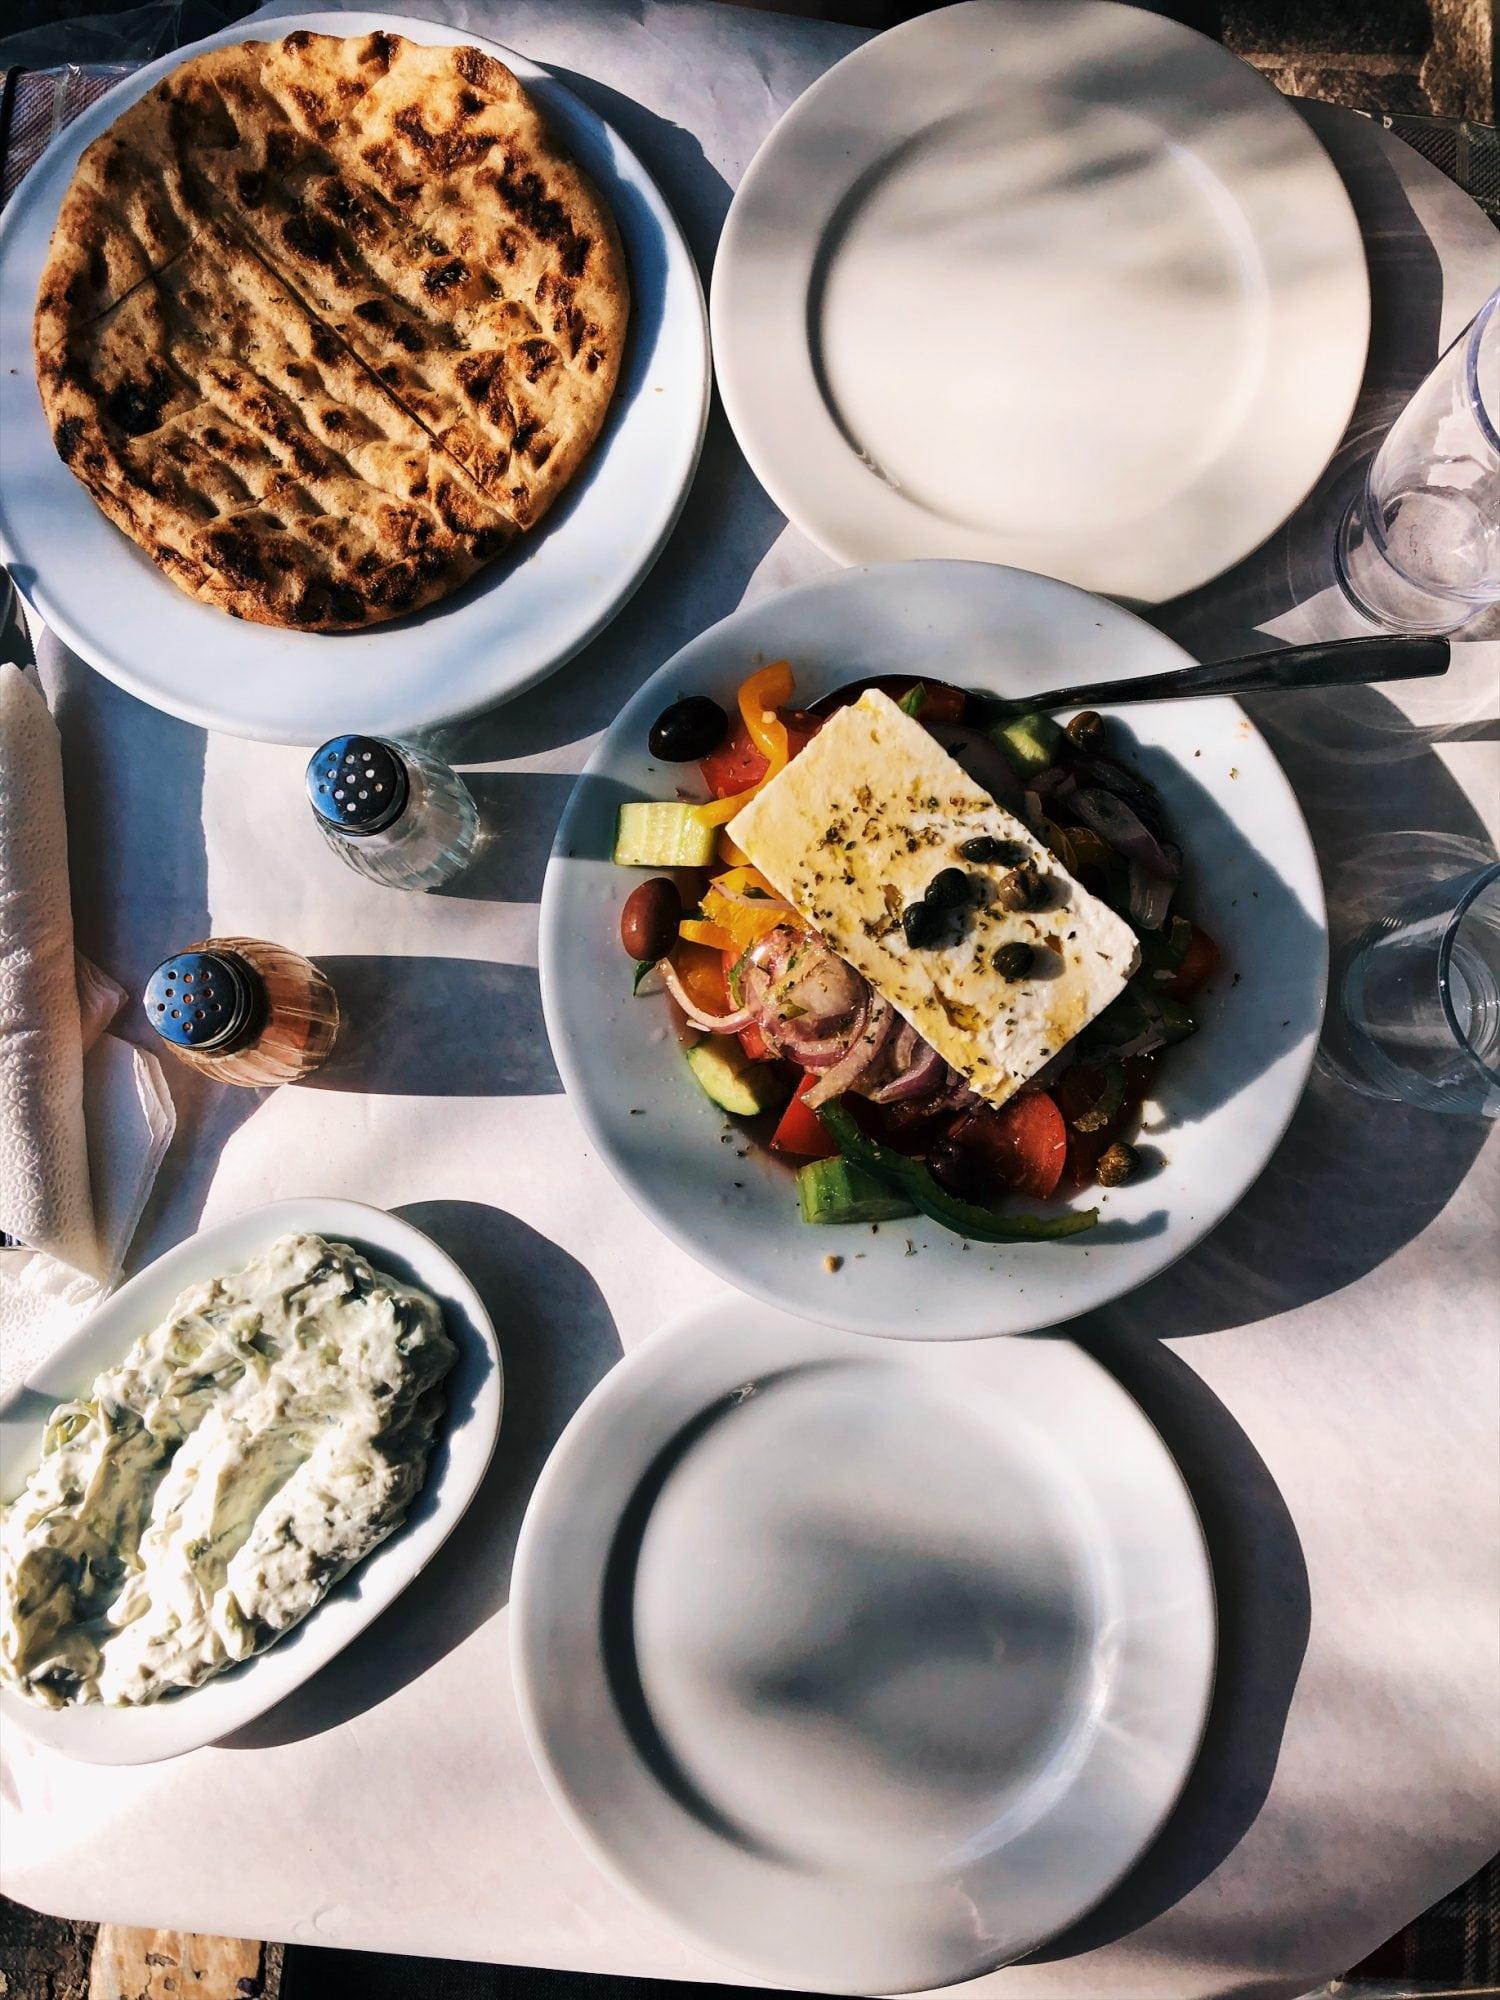 lunch-w-Atenach-neverendingtravel.pl weekend w Atenach i nasza sałatka grecka oraz tzatzyki podane z pitą, zdjęcie zrobione z góry na stół z potrawami oraz naczyniami, zdjęcie zrobione słoneczny dzień